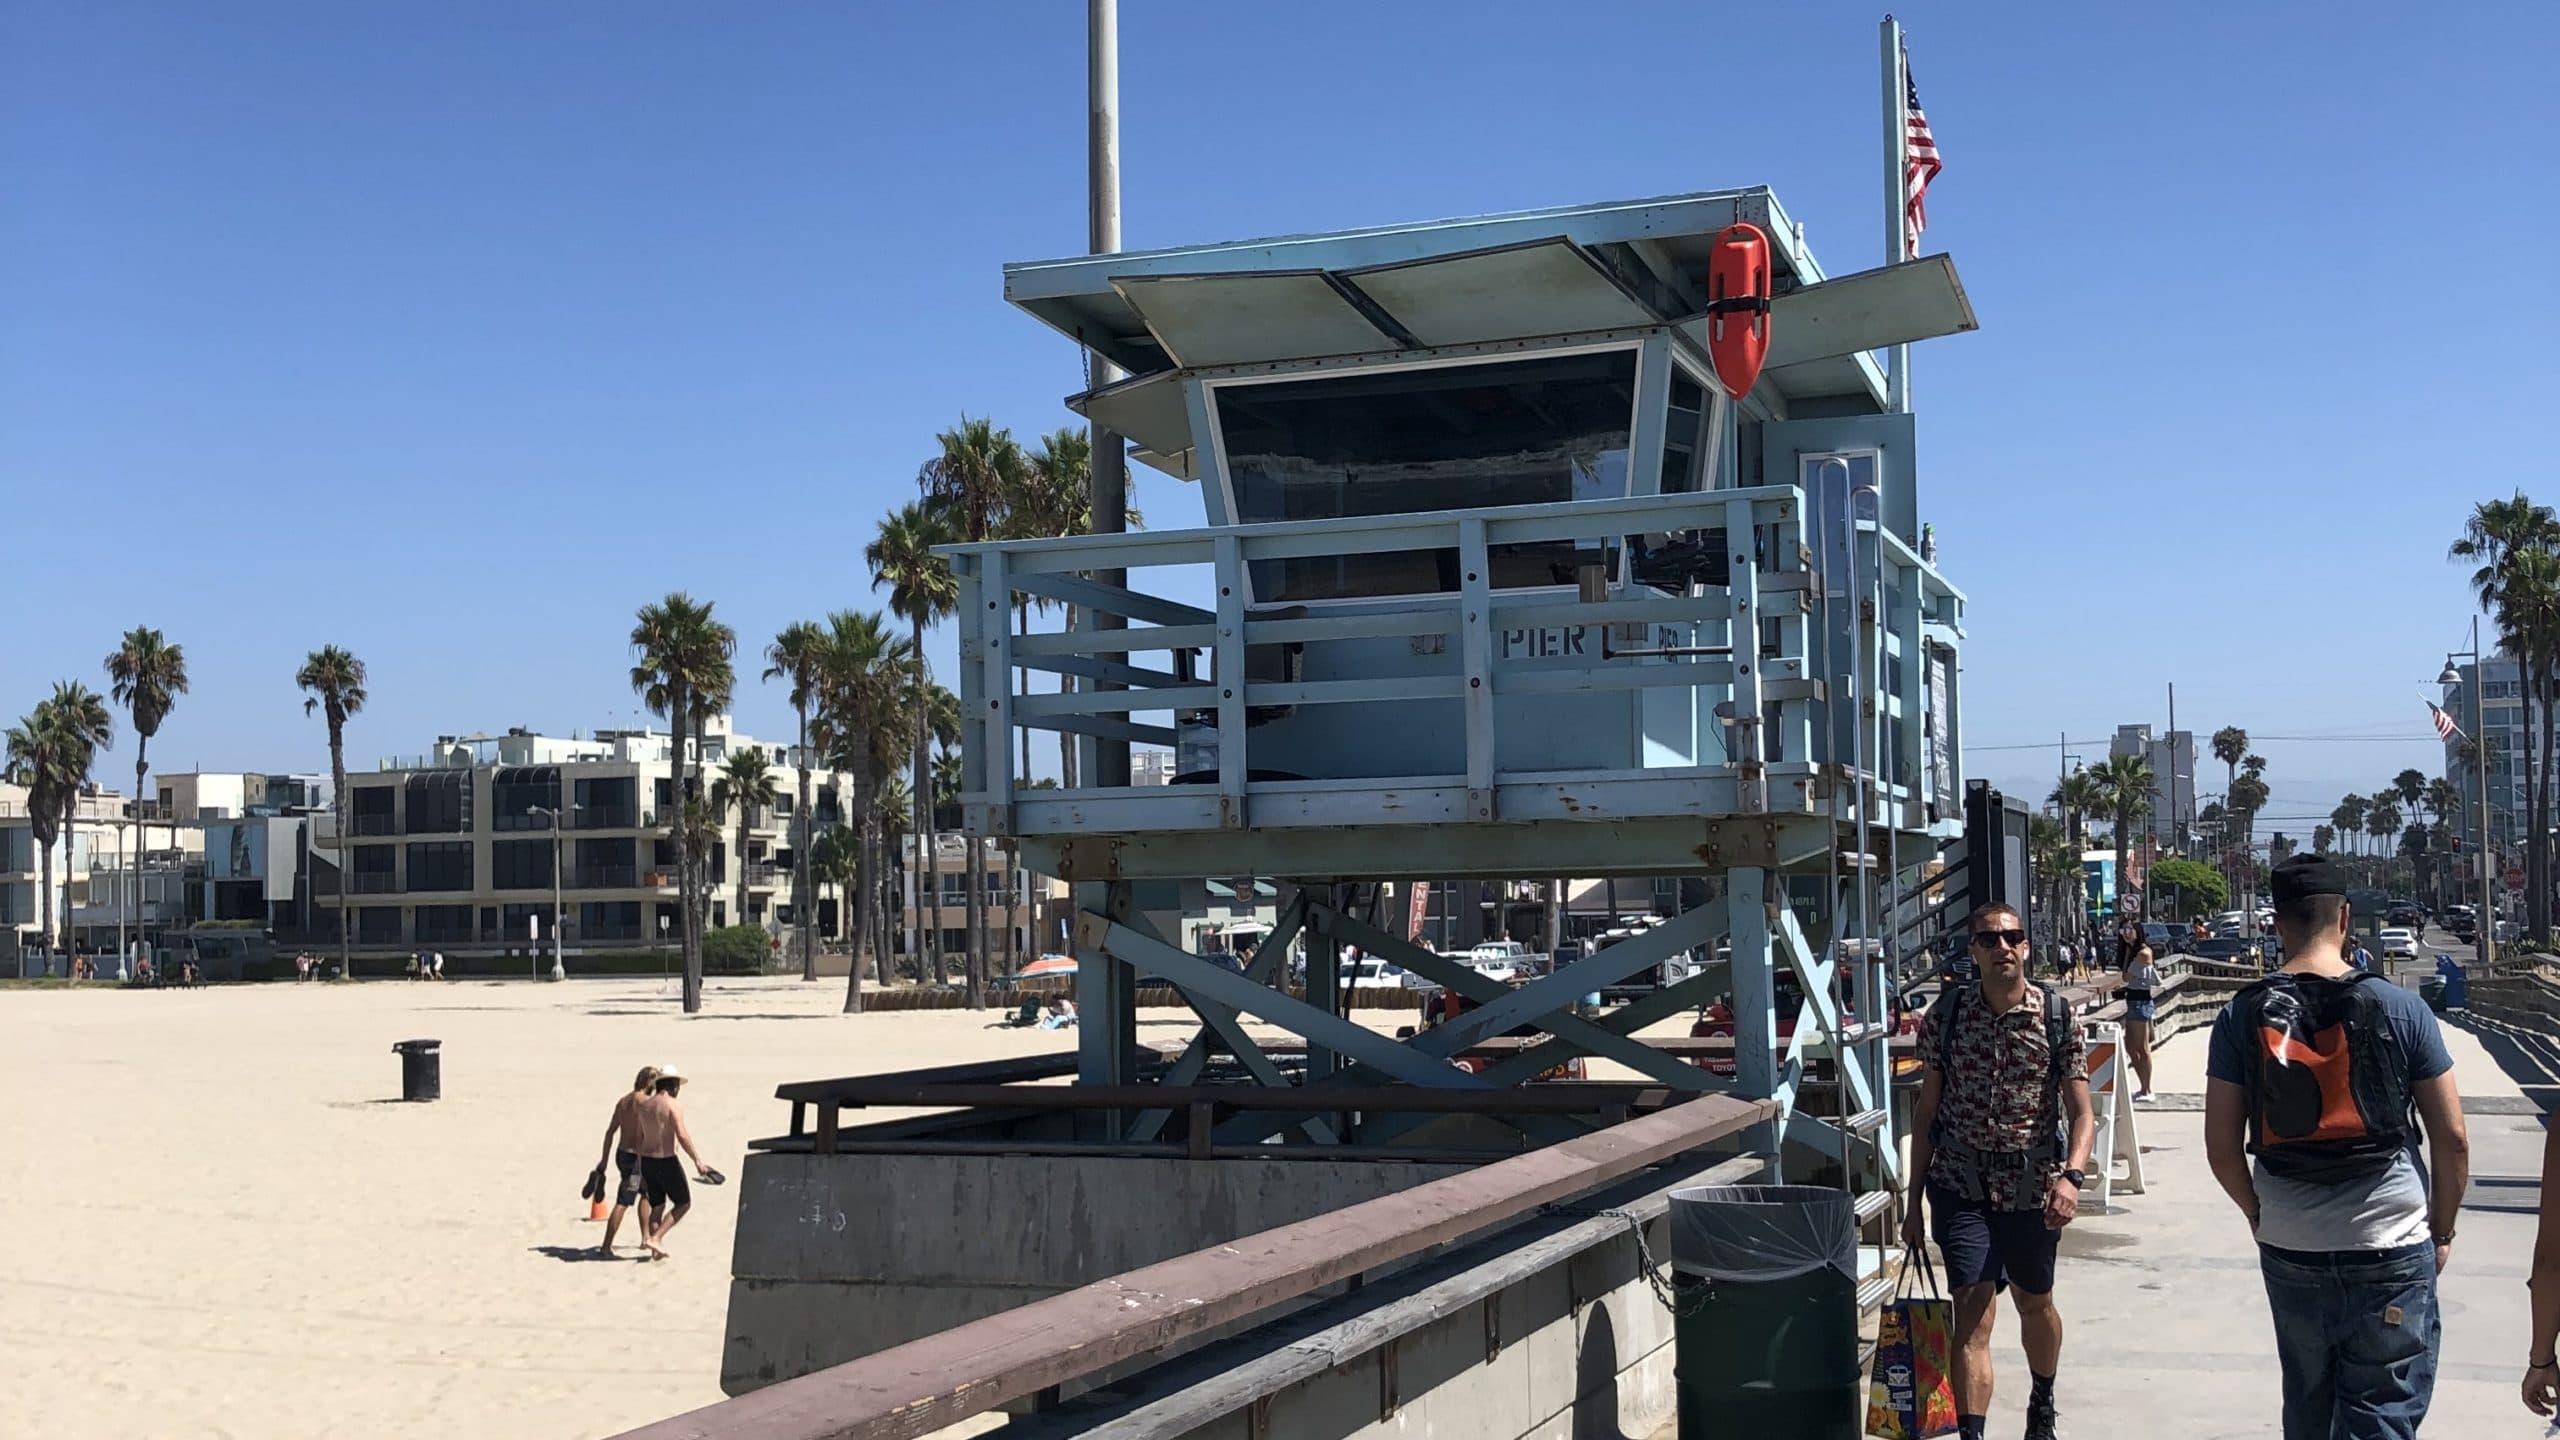 Ist das Baywatch? Der Venice Beach in Kalifornien